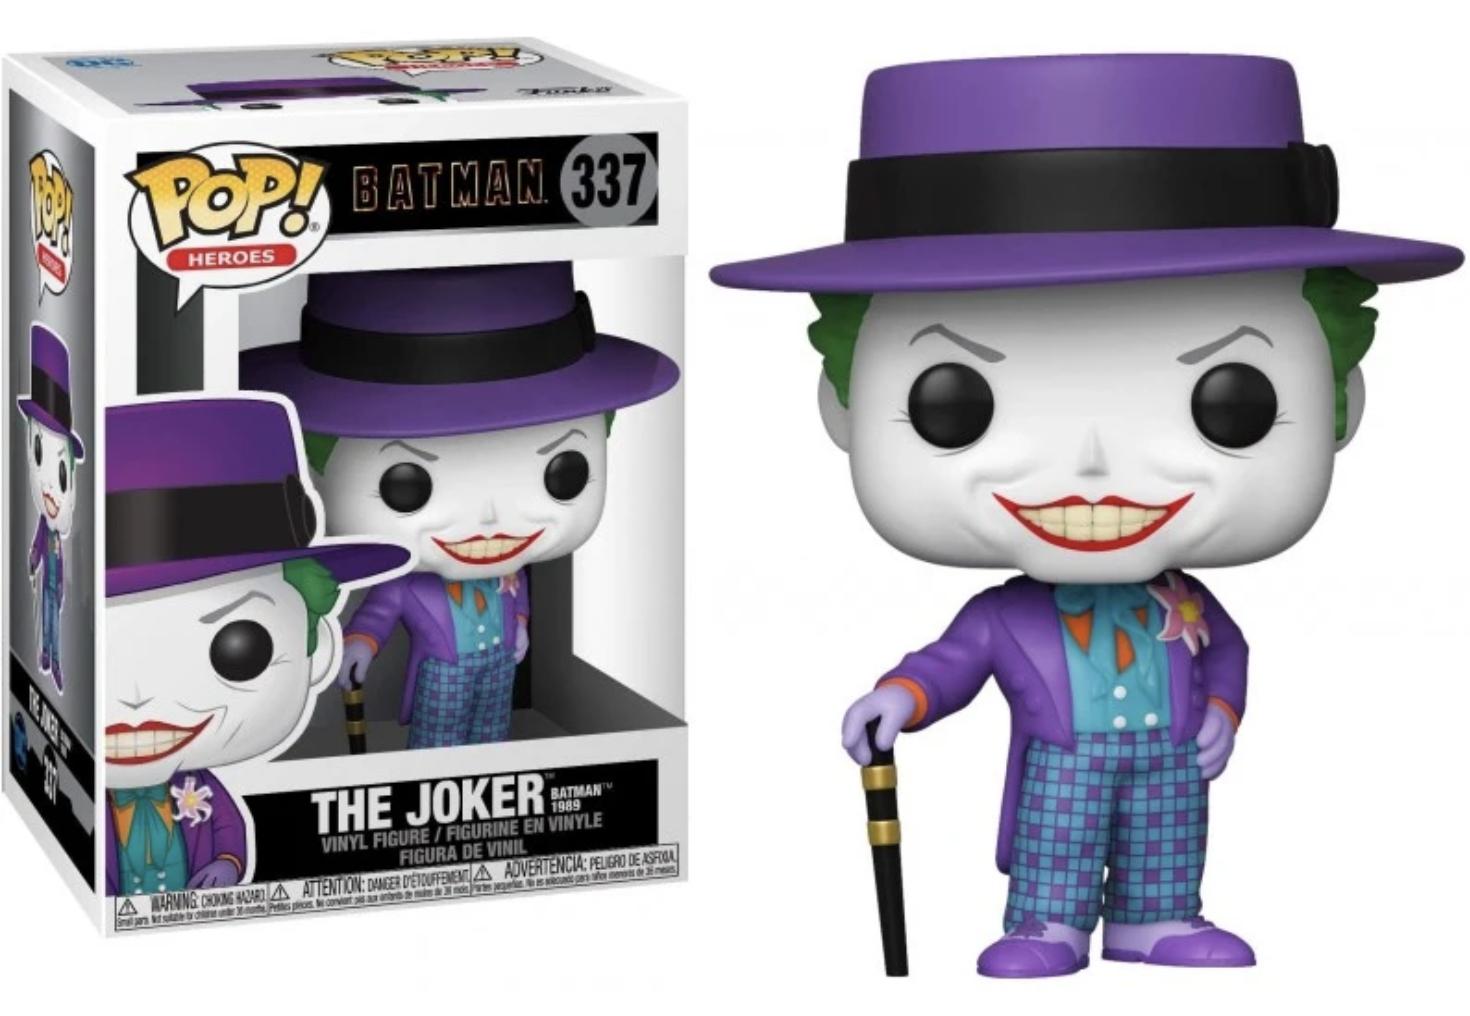 Batman 1989 - Bobble Head Funko Pop N° 337 - Joker With hat